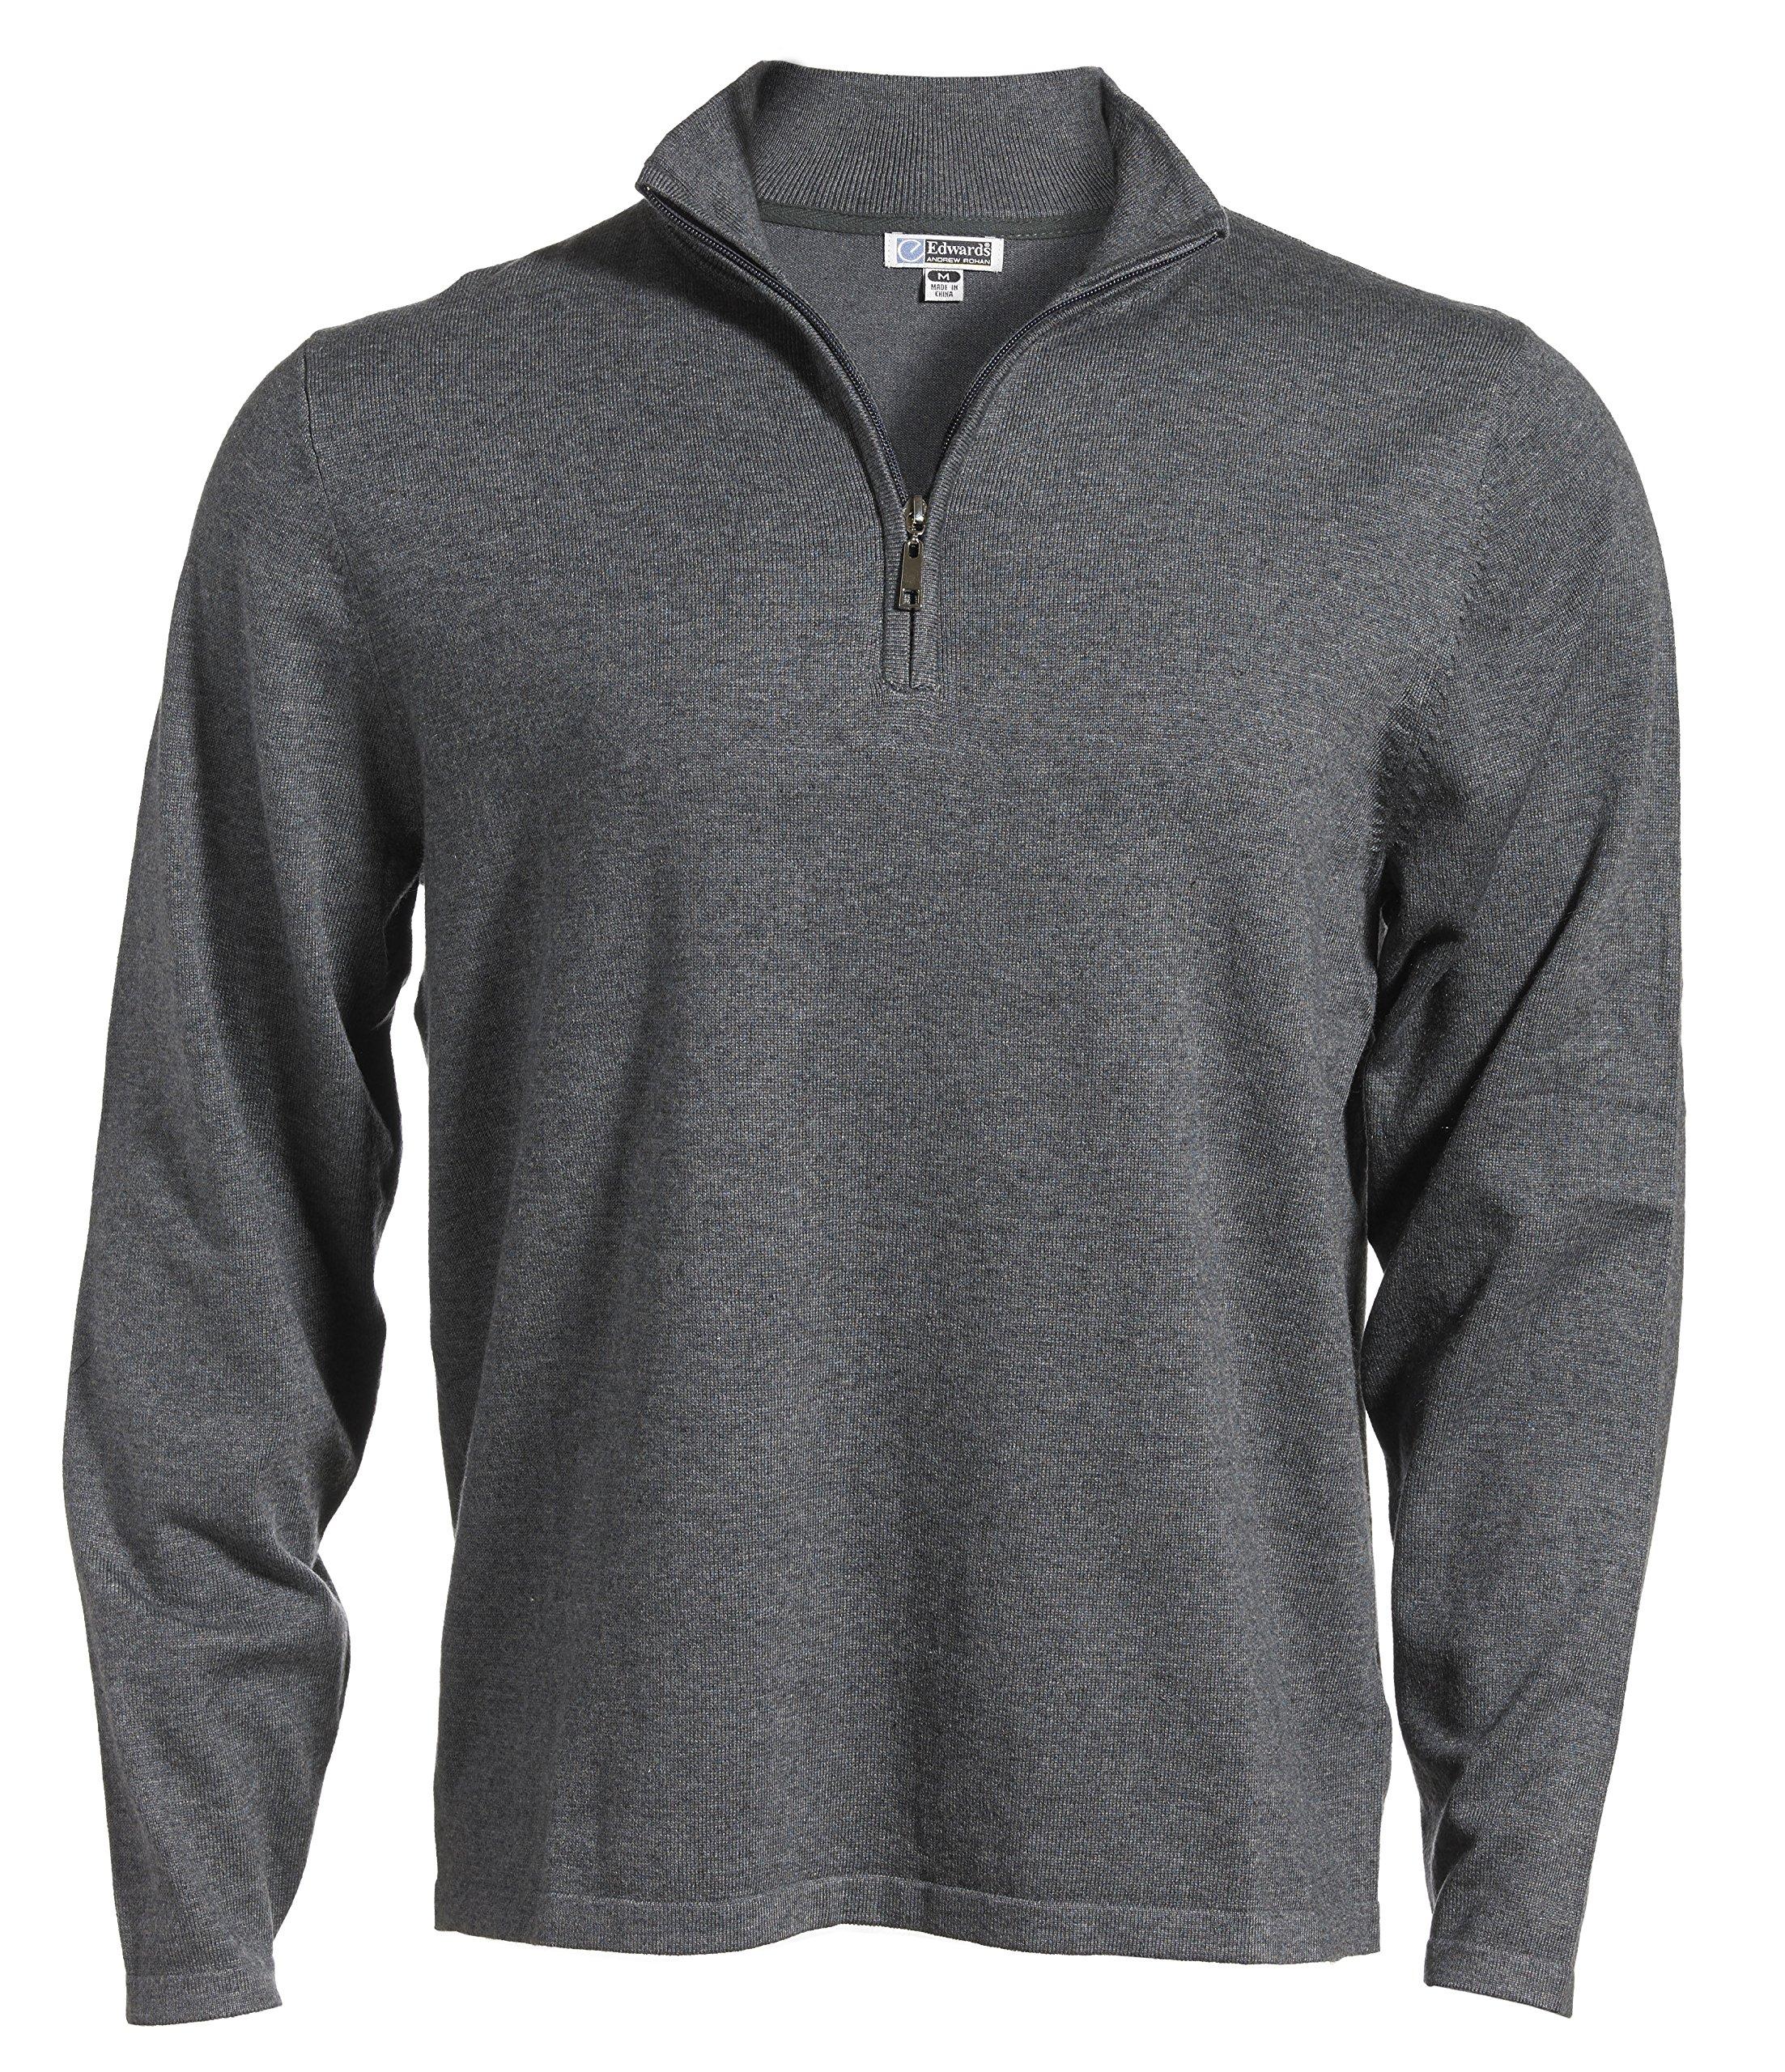 Averill's Sharper Uniforms Men's Fine Gauge Quarter Zipper Sweater 5XL Smoke Heather